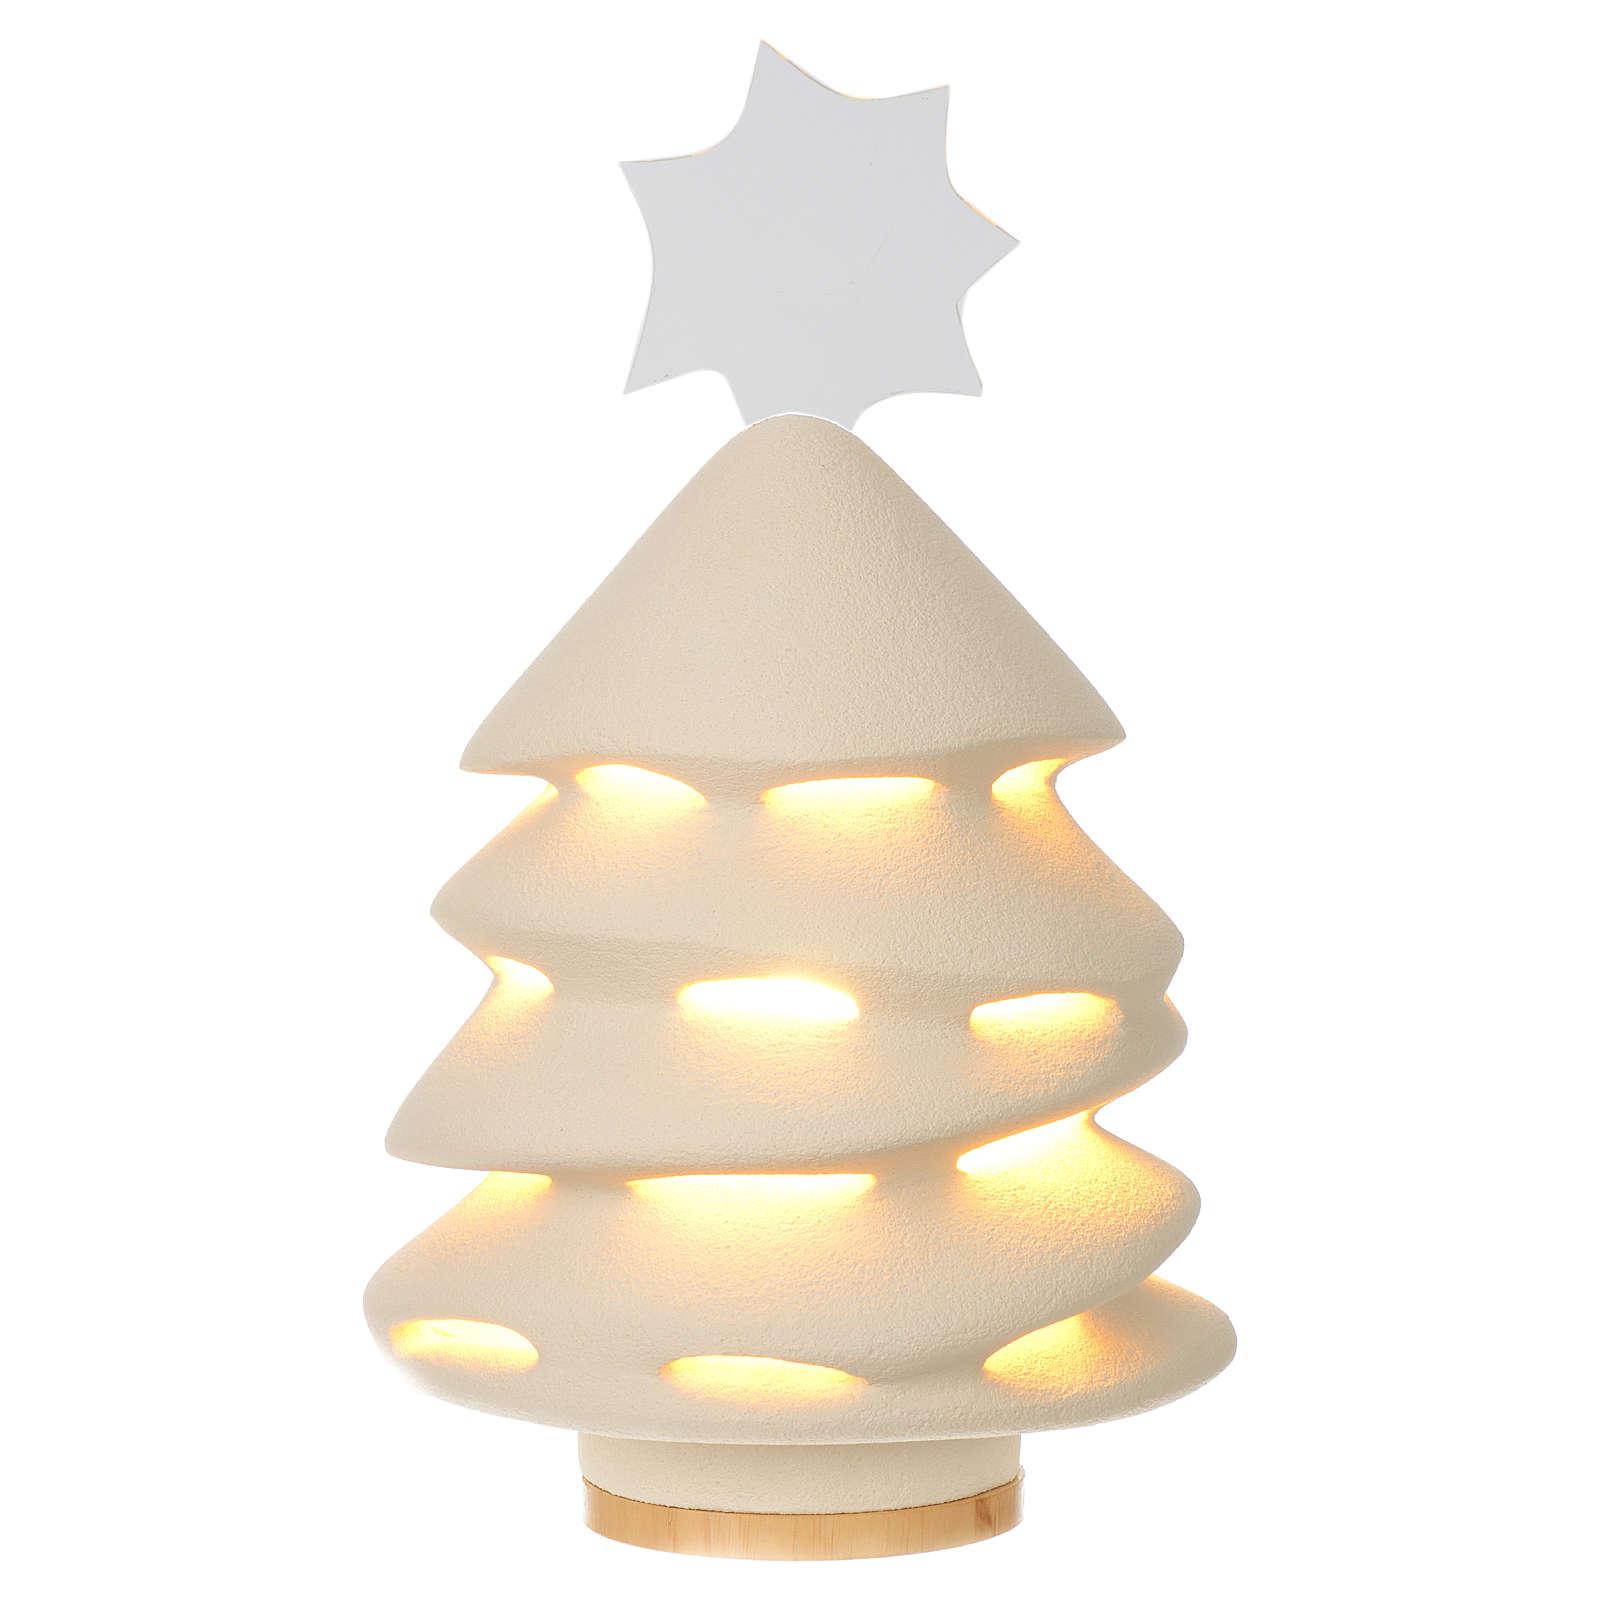 Albero di Natale Ceramica Centro Ave 31 cm illuminato 3